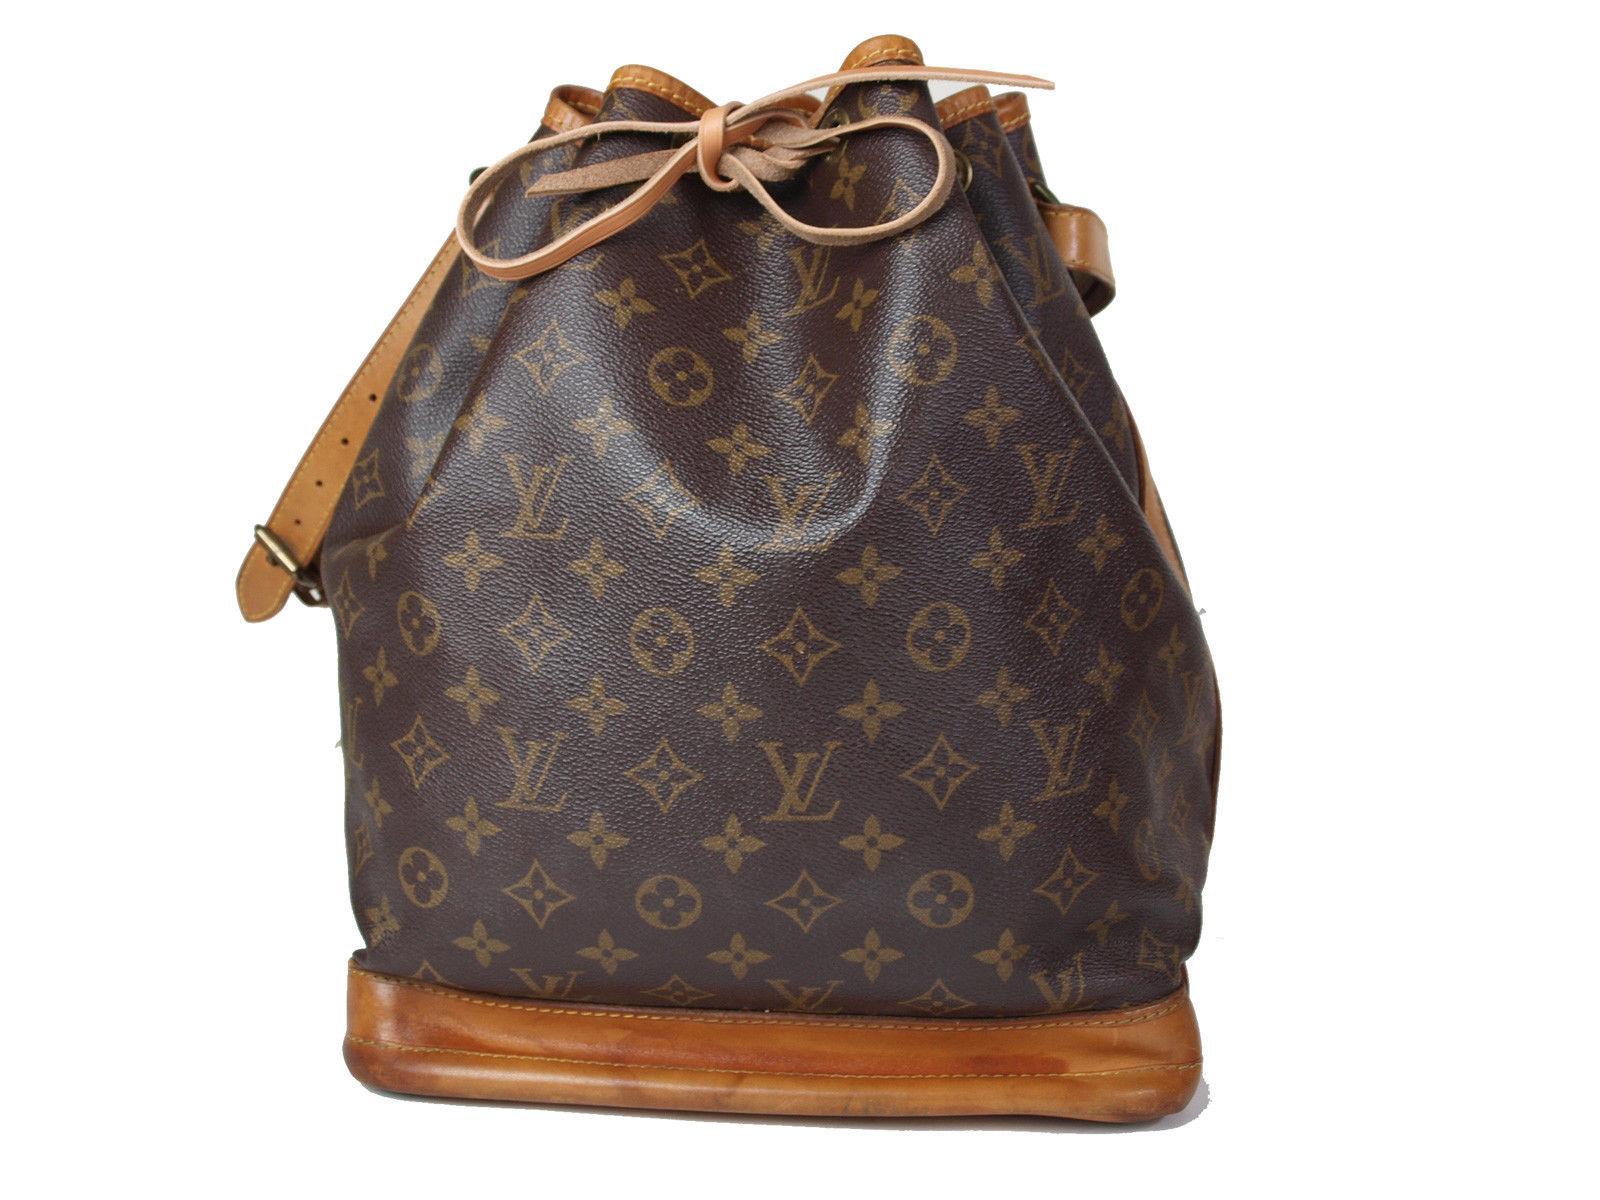 Auth LOUIS VUITTON Noe Monogram Canvas, Leather Drawstring Shoulder Bag LS1237